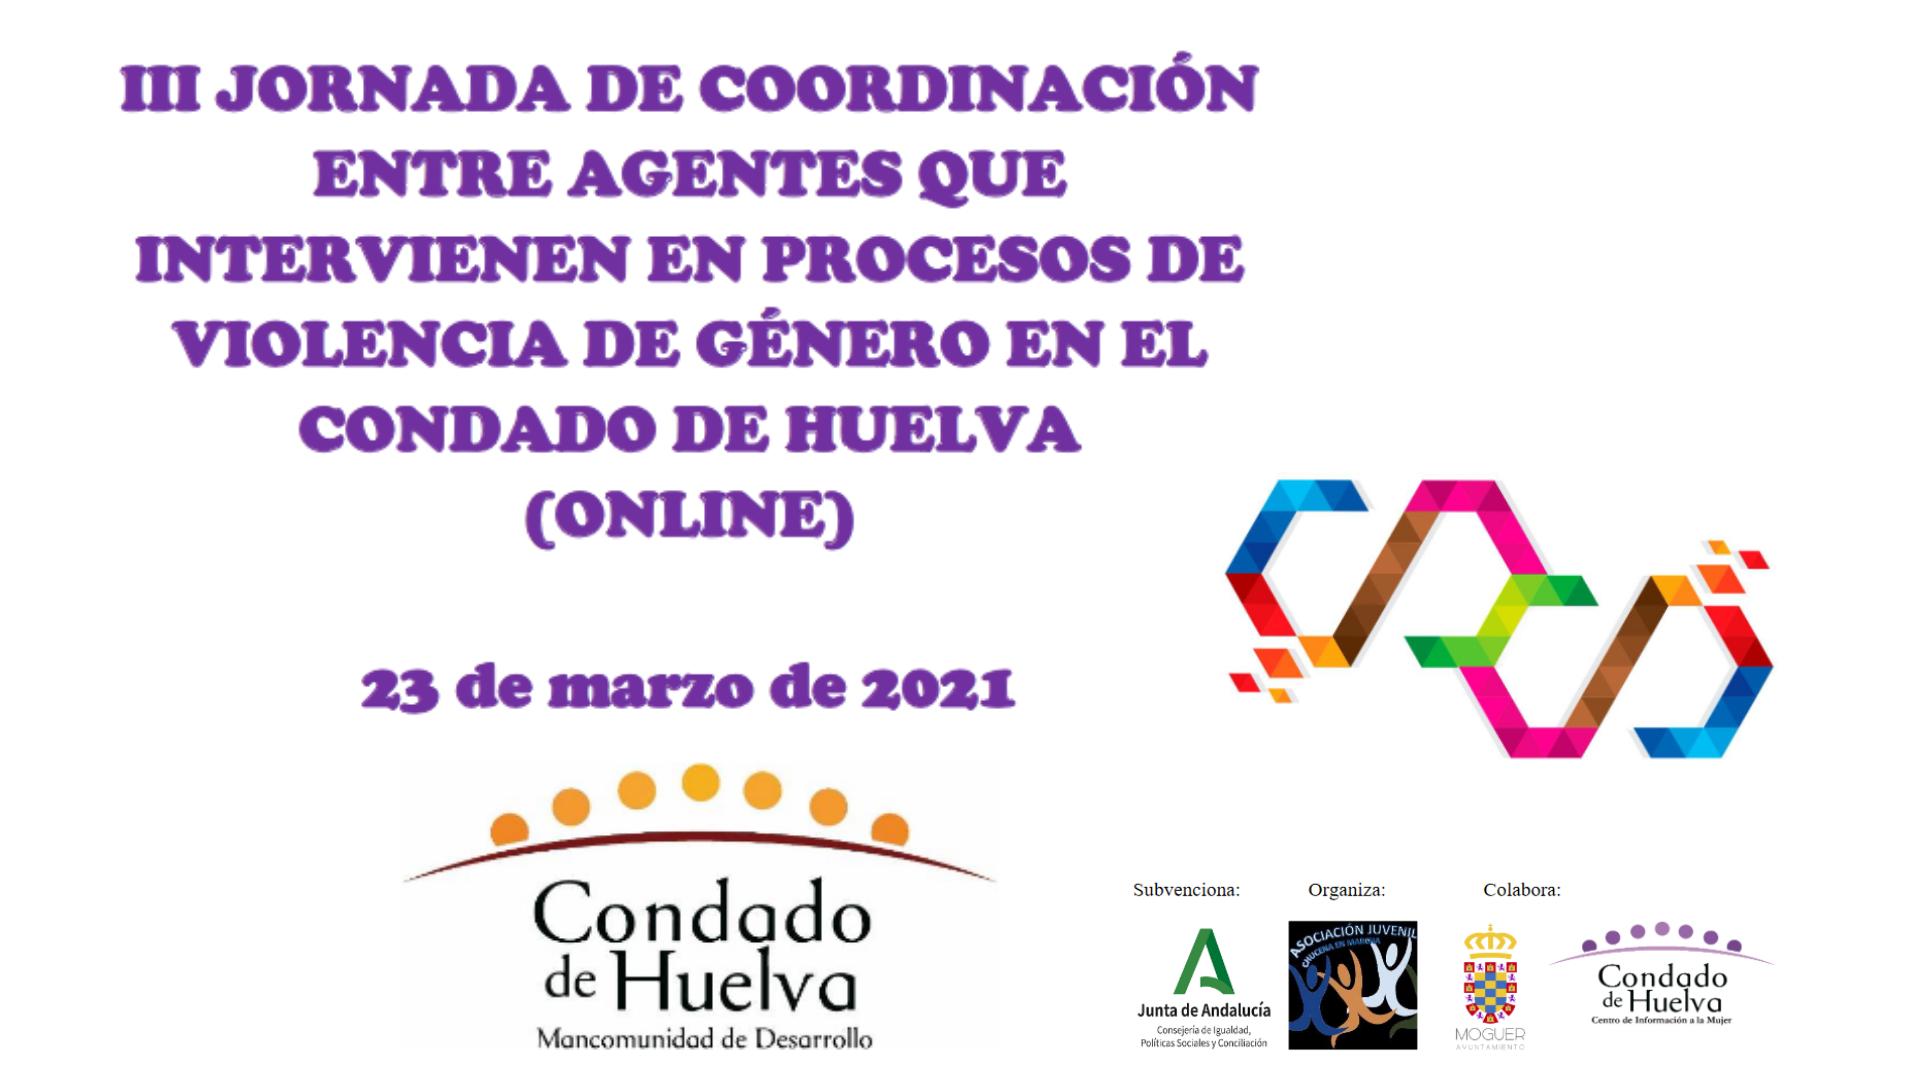 III Jornadas de Coordinación entre Agentes en el Condado de Huelva